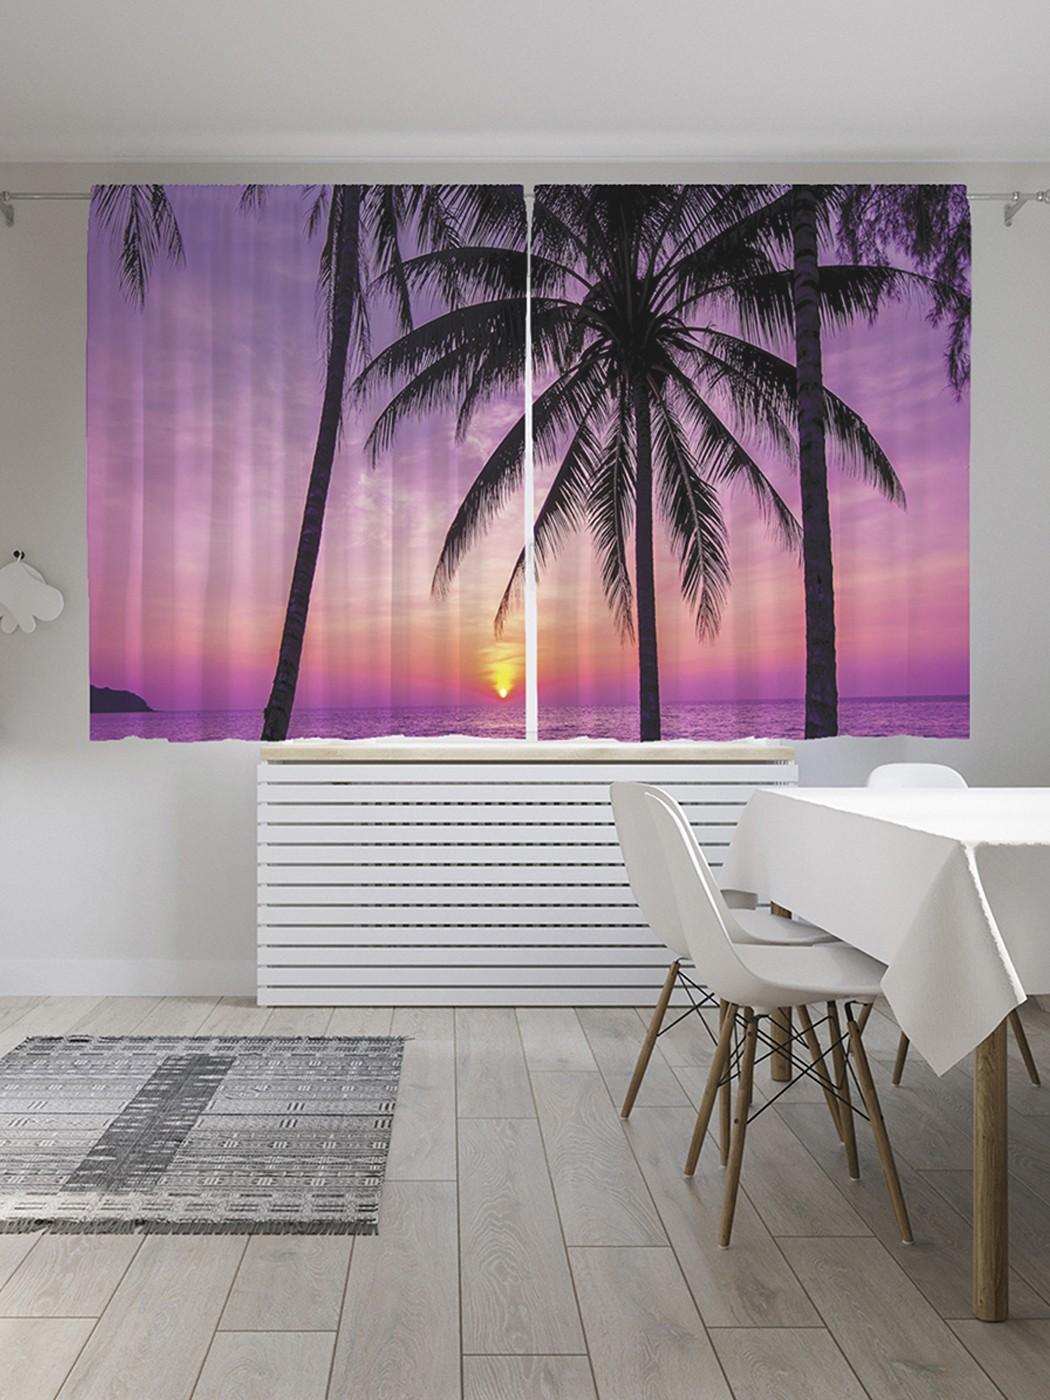 Шторы под лён «Закат на пляже под пальмами», серия Oxford DeLux, 290х180 см